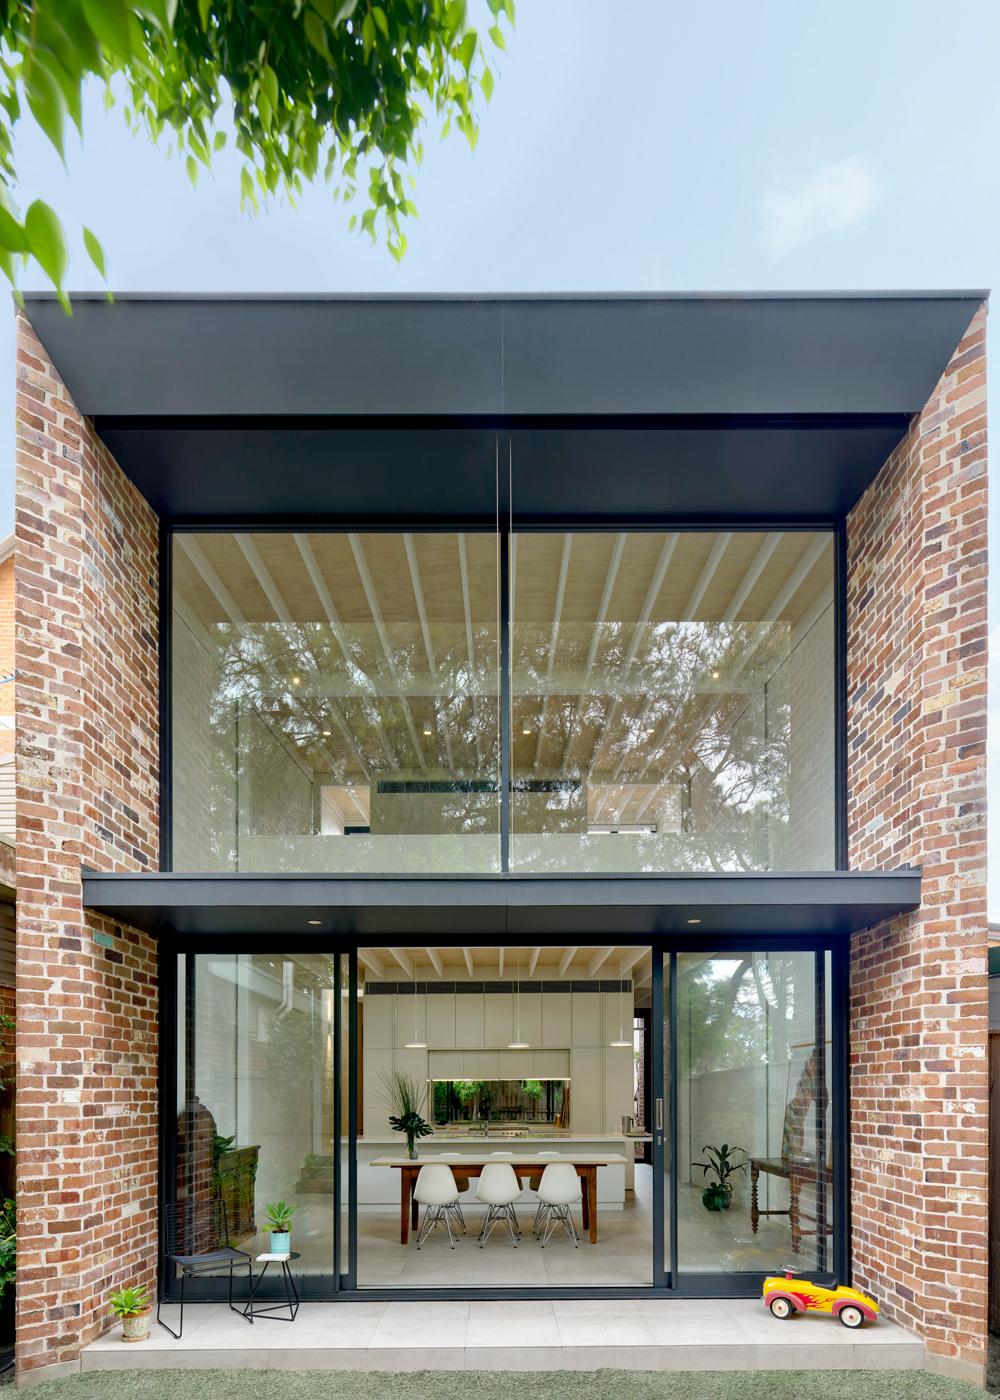 brick-aperture-house-kreis-grennan-architecture-the-design-emotive-01.jpg